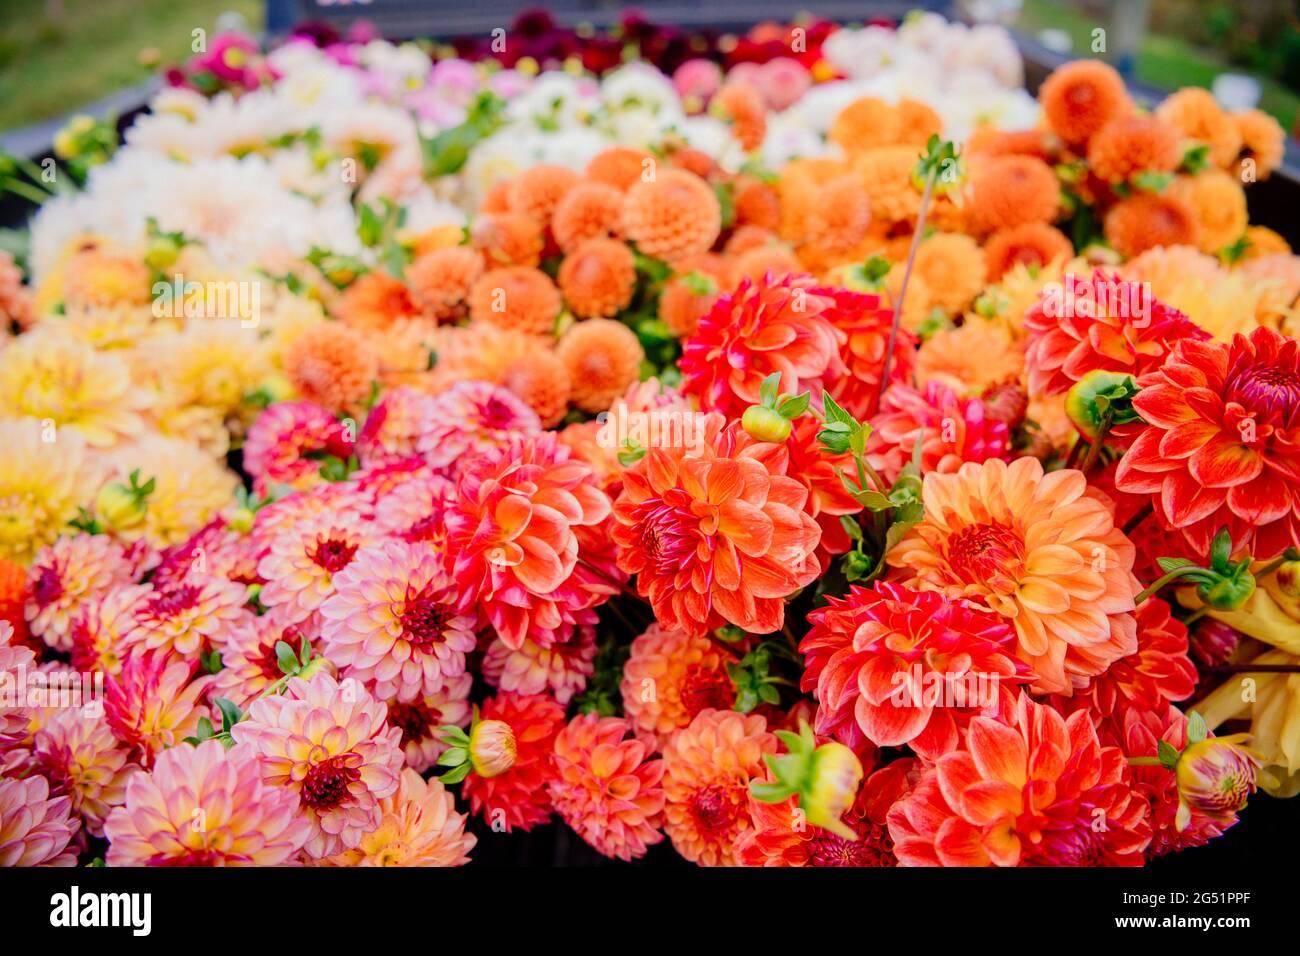 Viele Dahlia Blumen auf der Rückseite des LKW Stockfoto